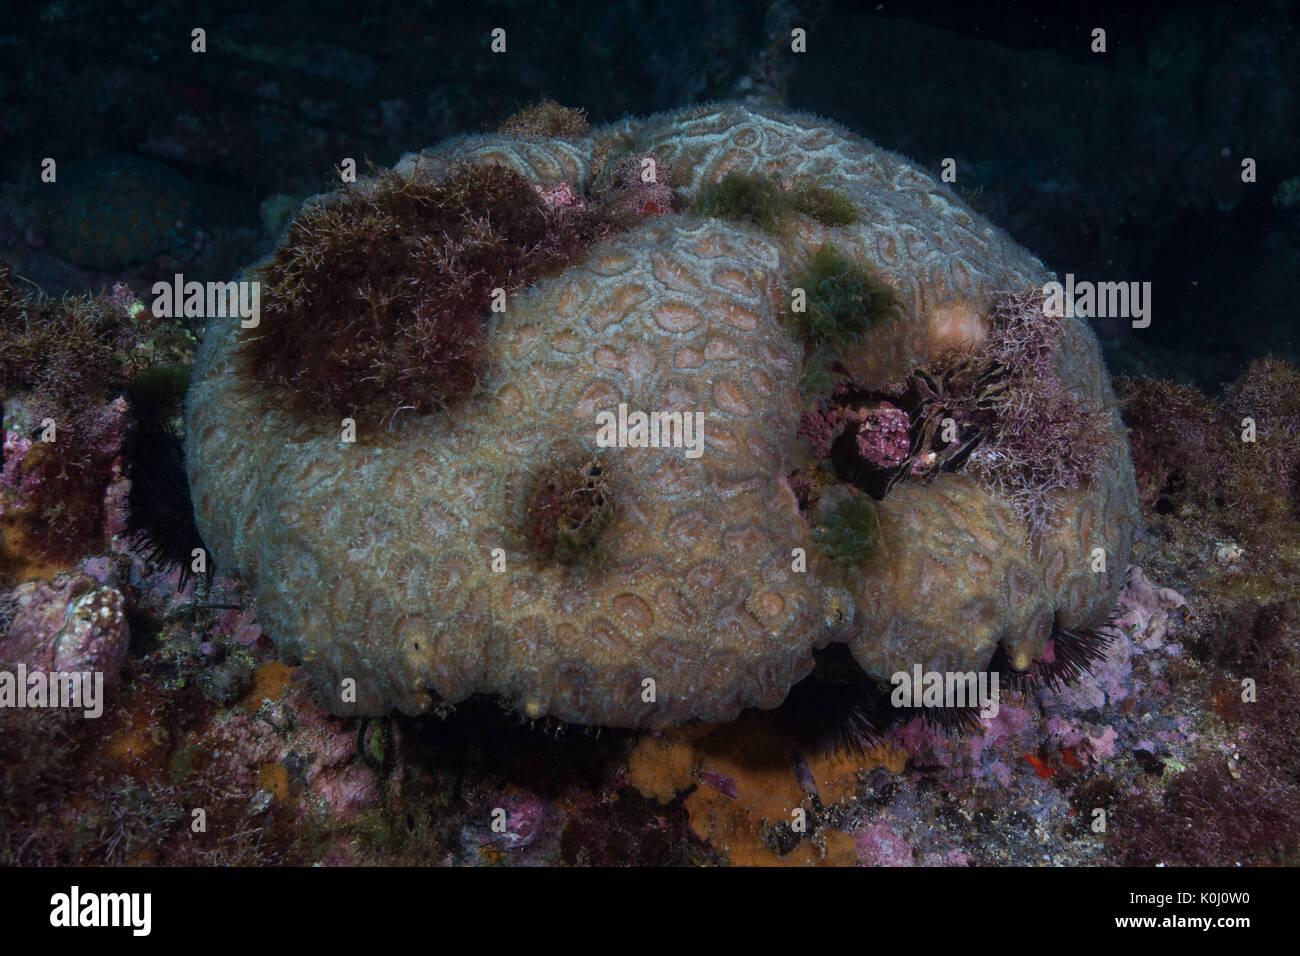 Genere di corallo subacqueo mussismilia Ilha da Queimada Grande, a sud-est del Brasile Immagini Stock